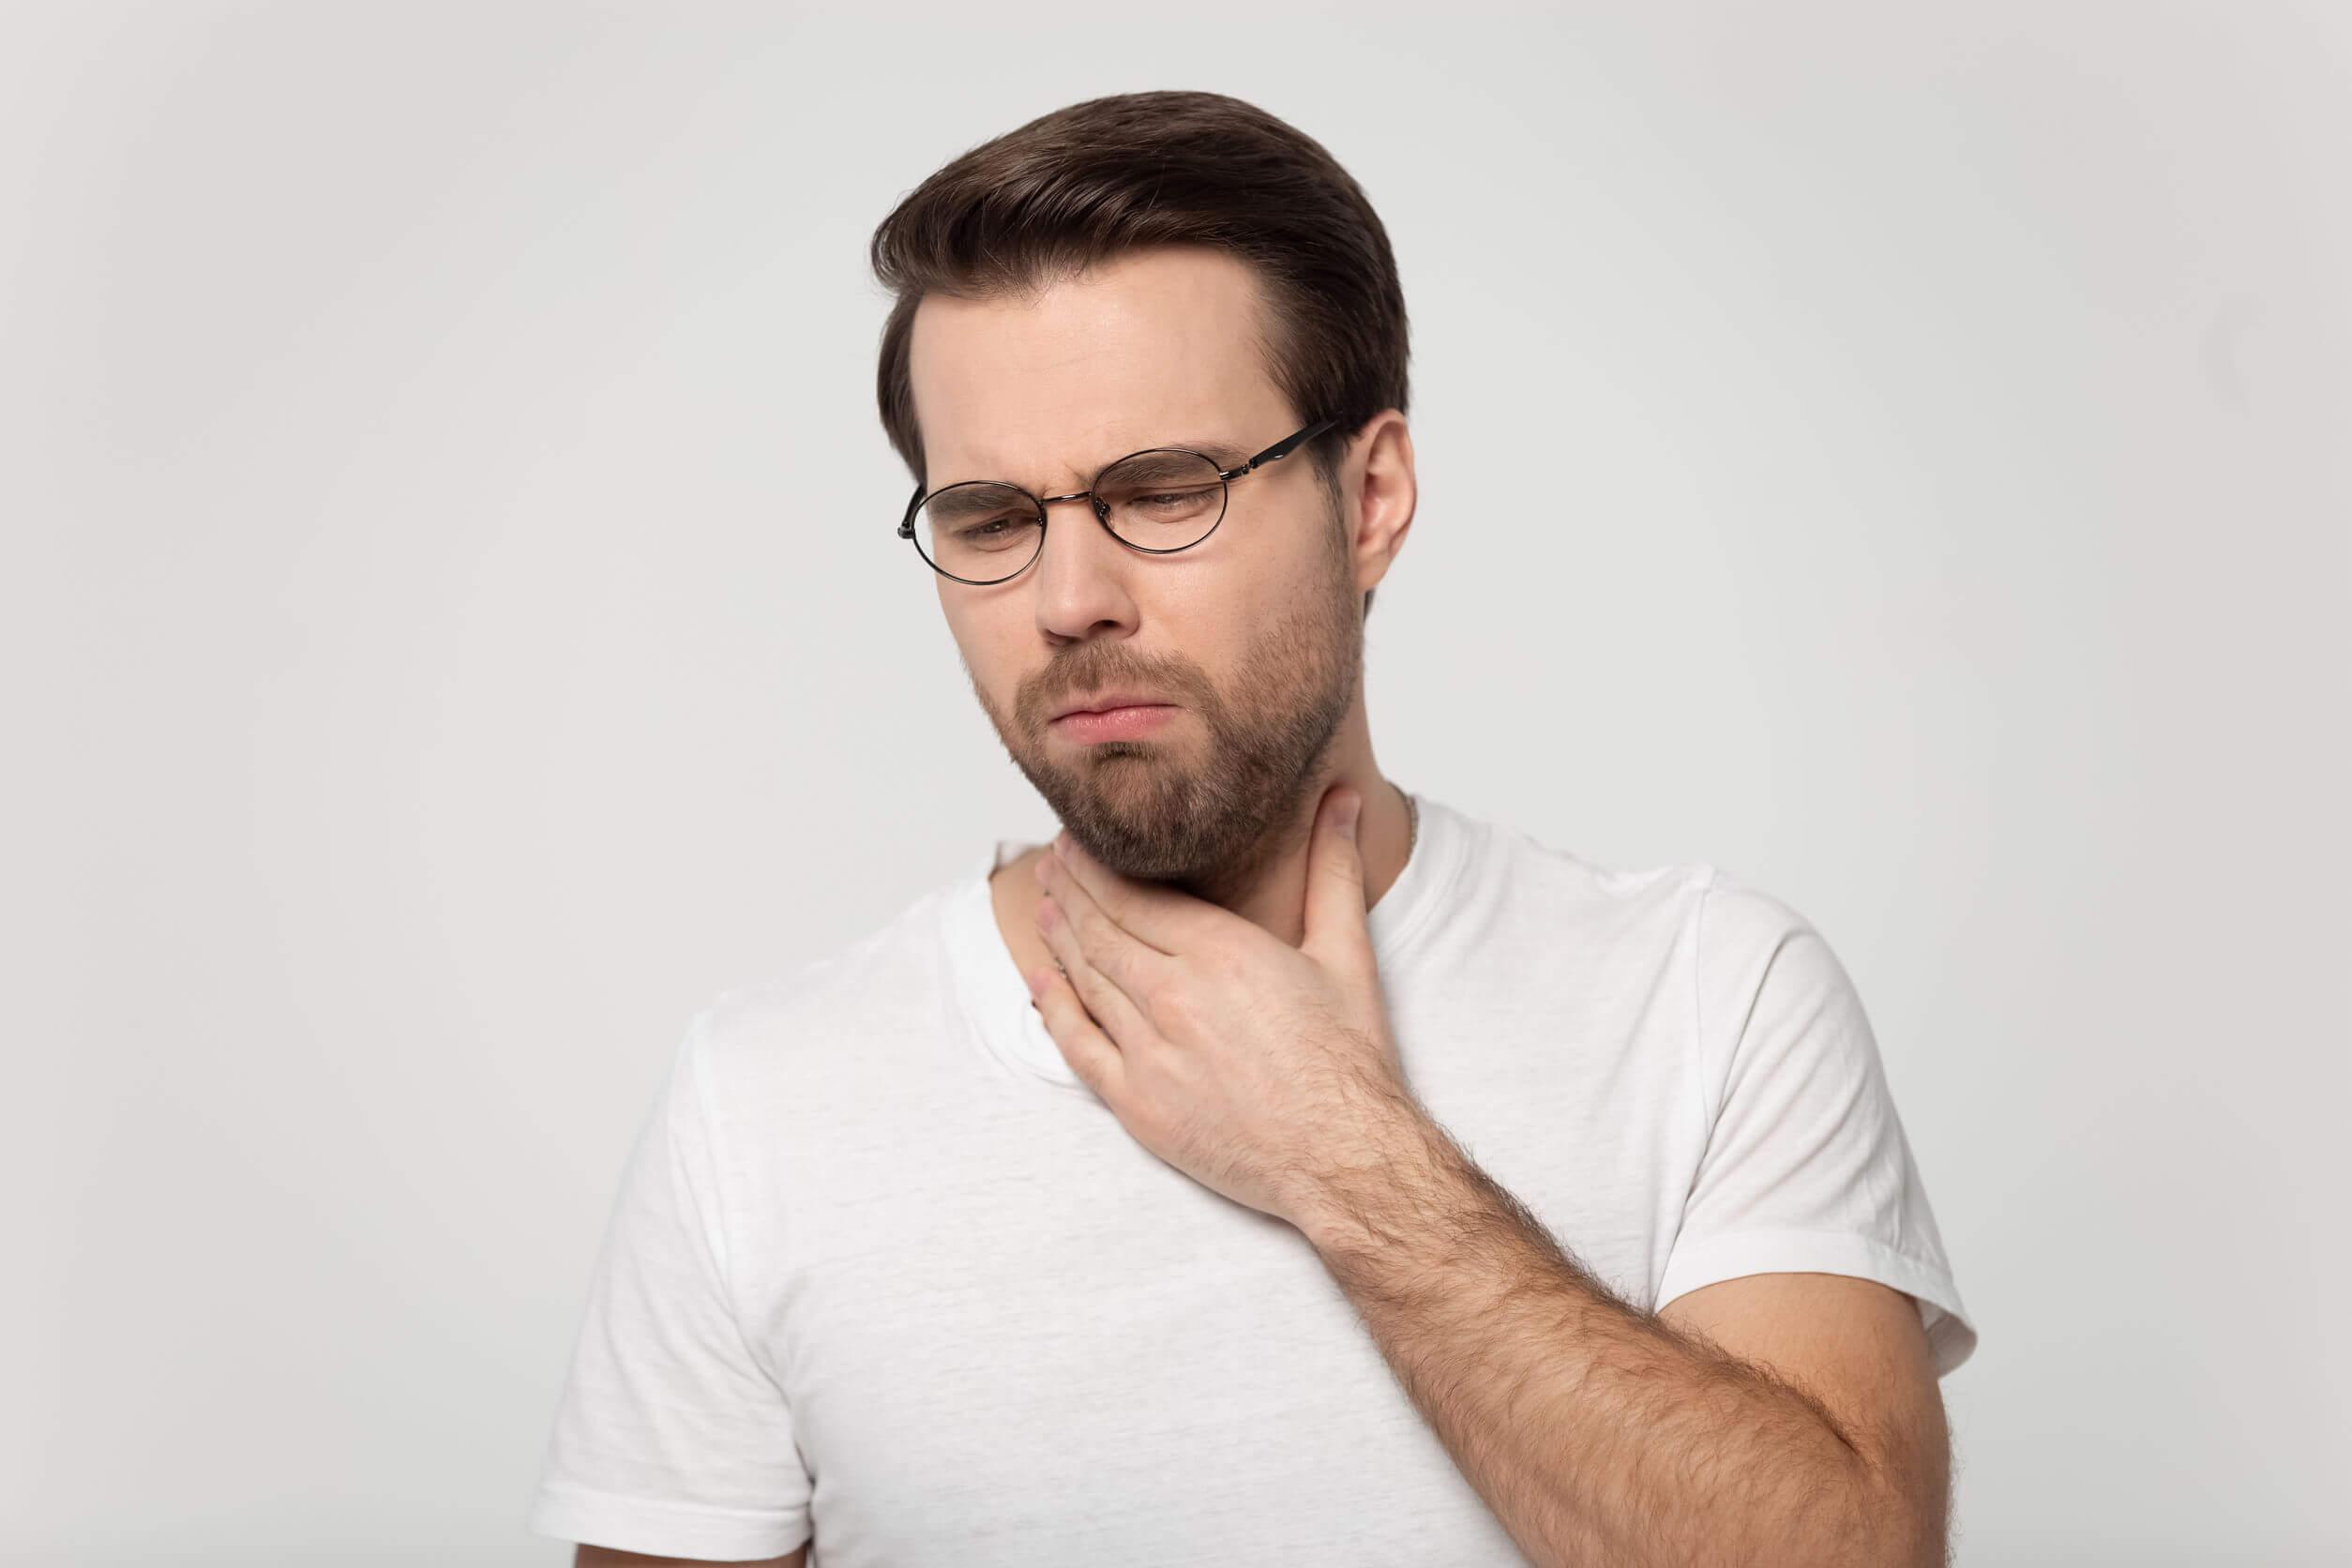 La amigdalitis ocasiona dolor.